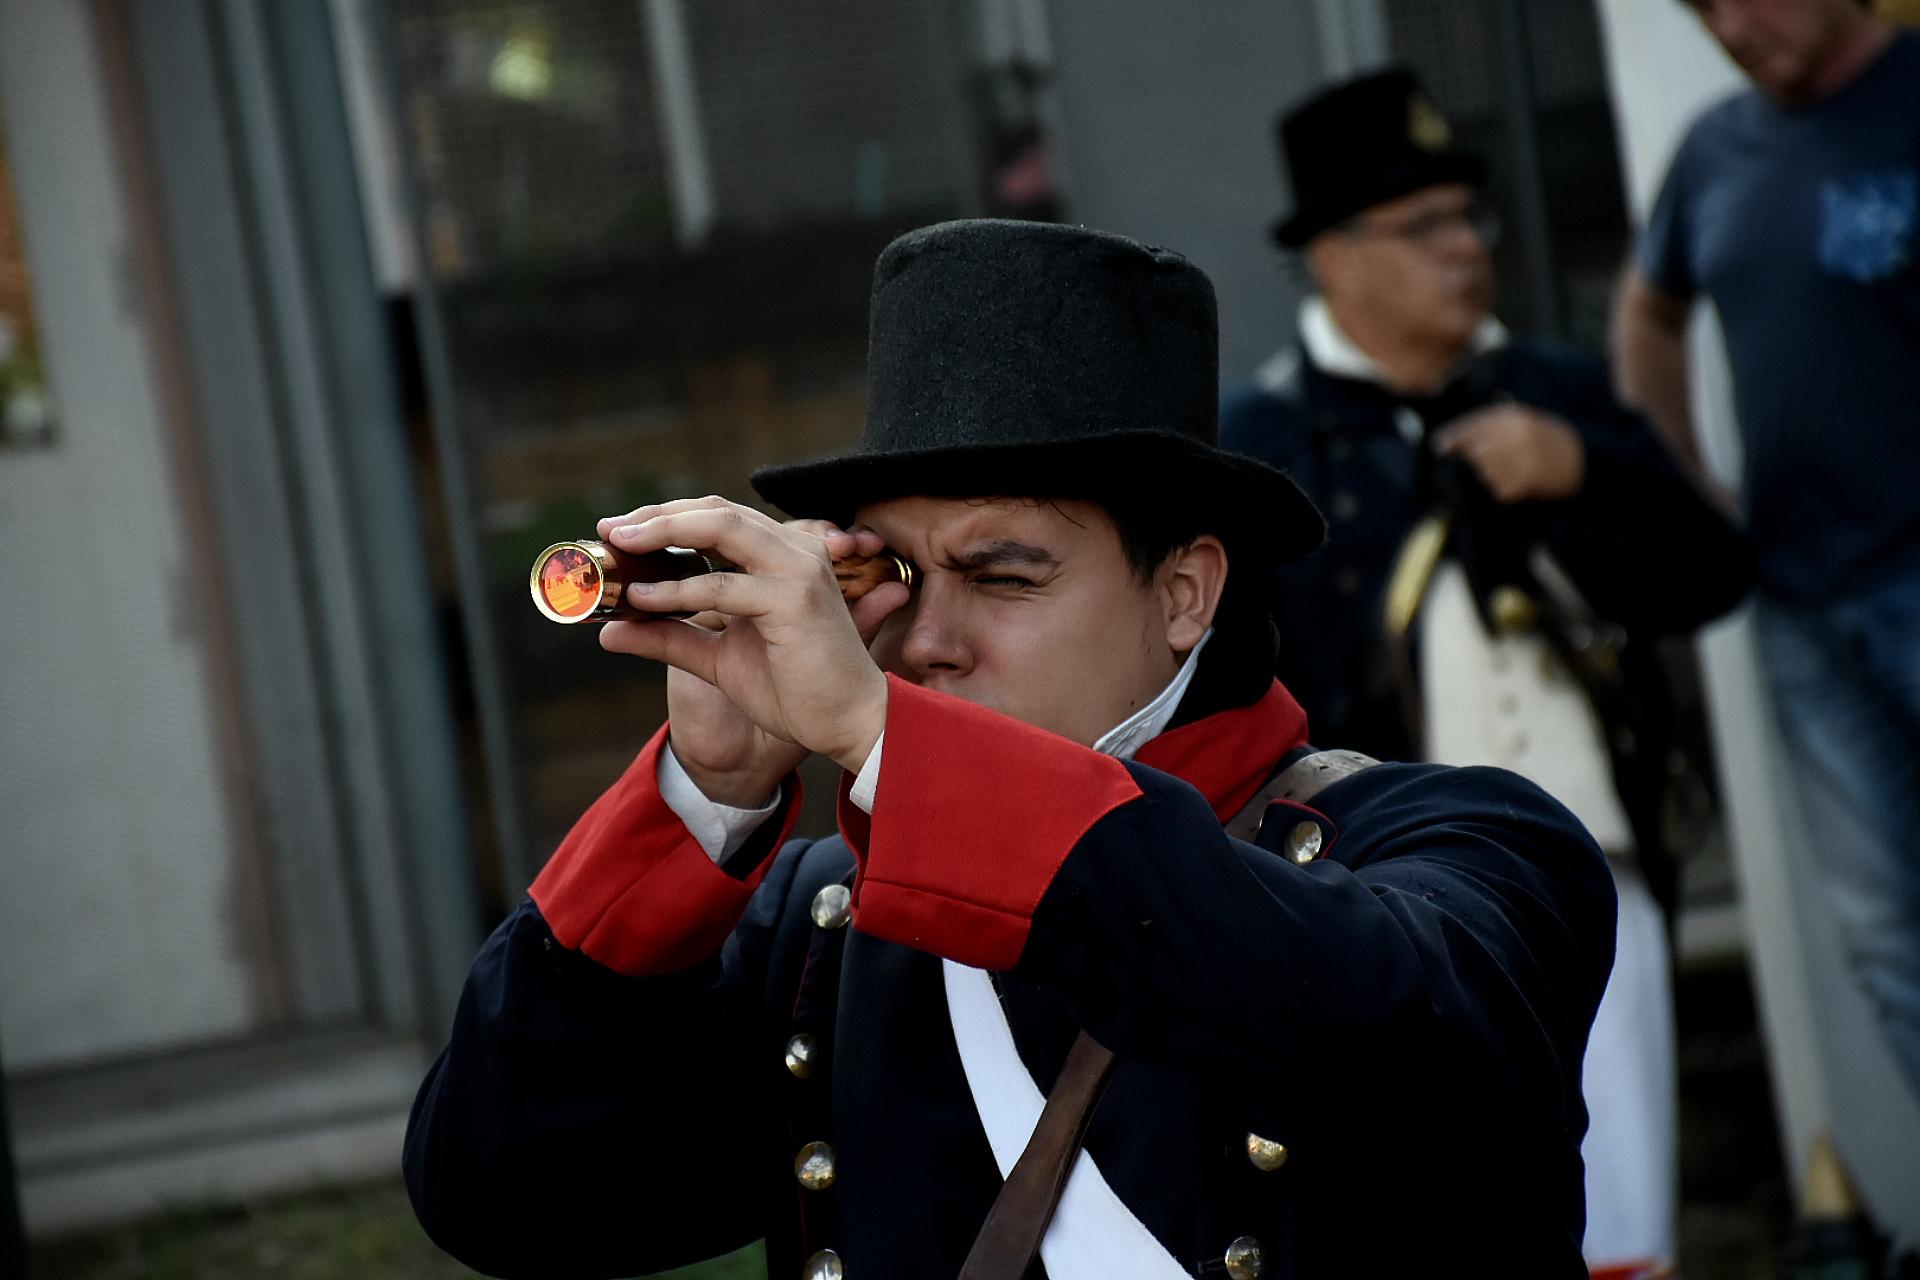 Los propios integrantes de la Asociación son quienes investigan y confeccionan sus uniformes hasta el mínimo detalle, así como también los instrumentos que formaban parte de cada uno de los equipos